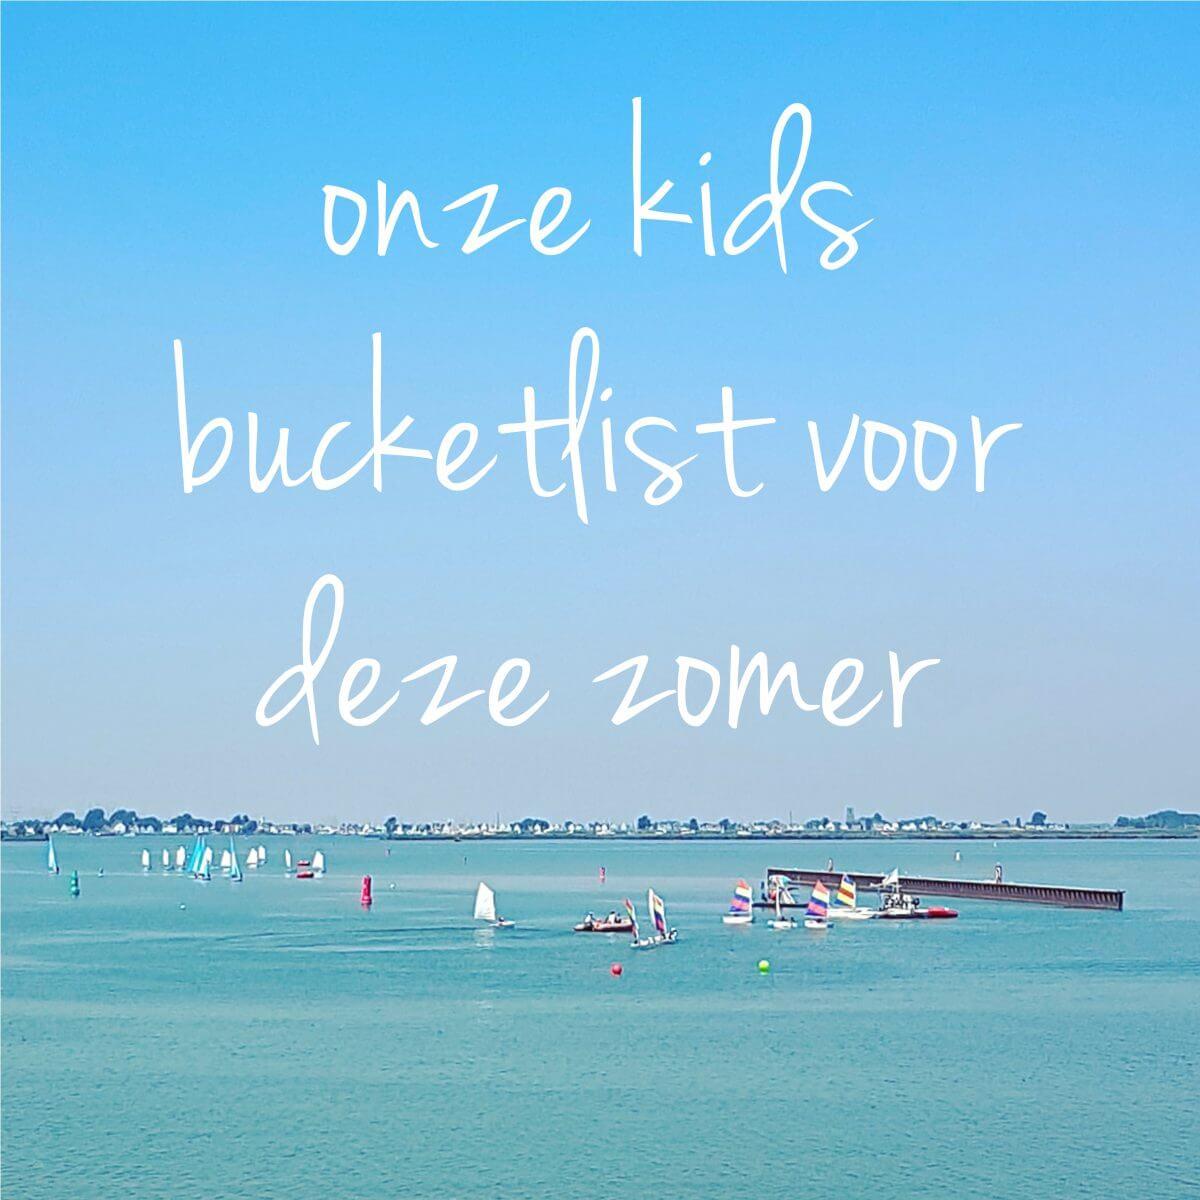 Onze kids bucketlist voor deze zomer: leuke activiteiten tijdens de zomervakantie #leukmetkids